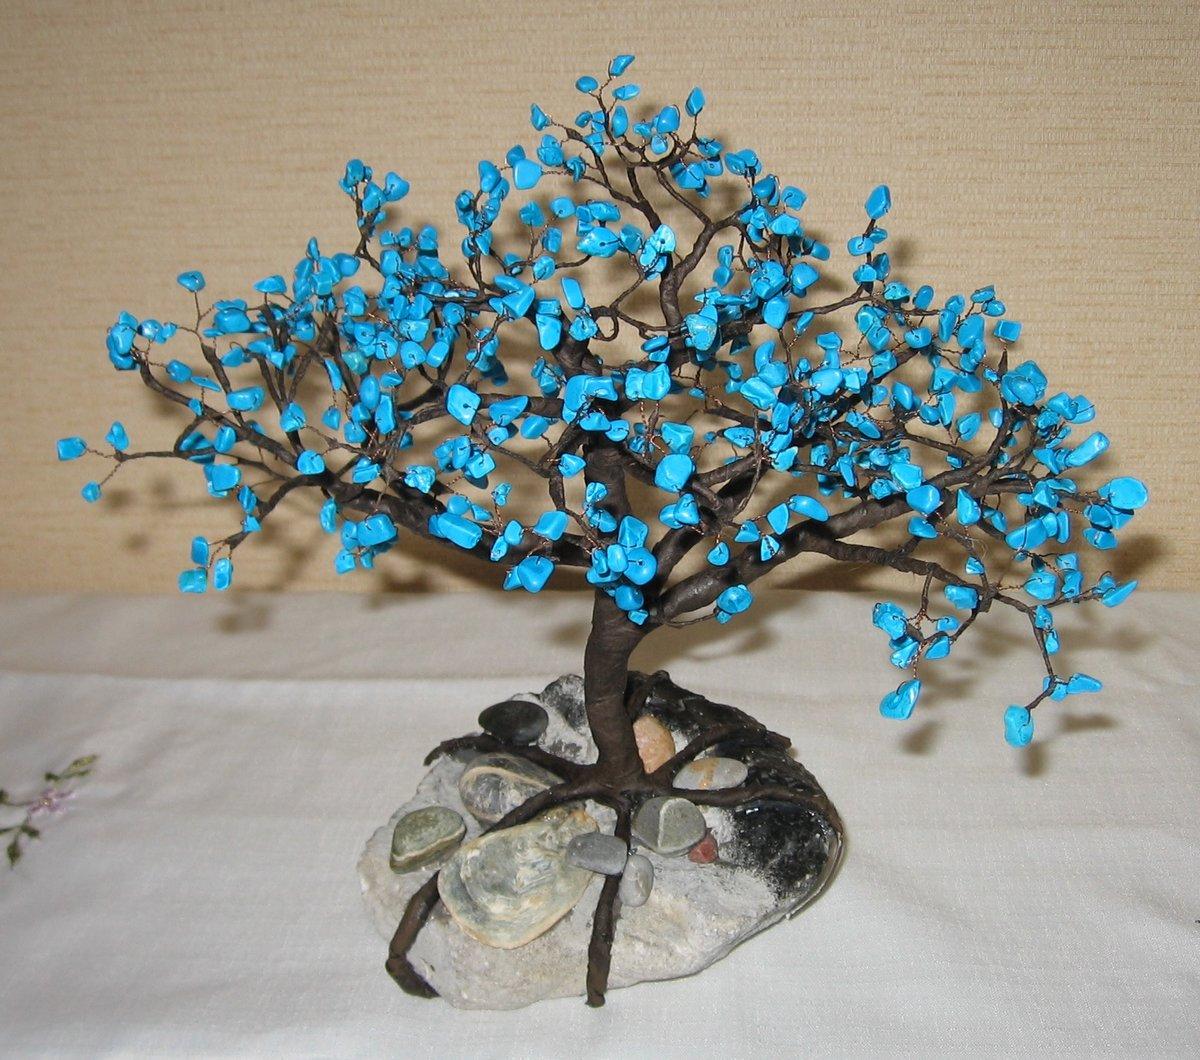 Деревья из бисера I Мастер-класс: плетение деревьев из бисера